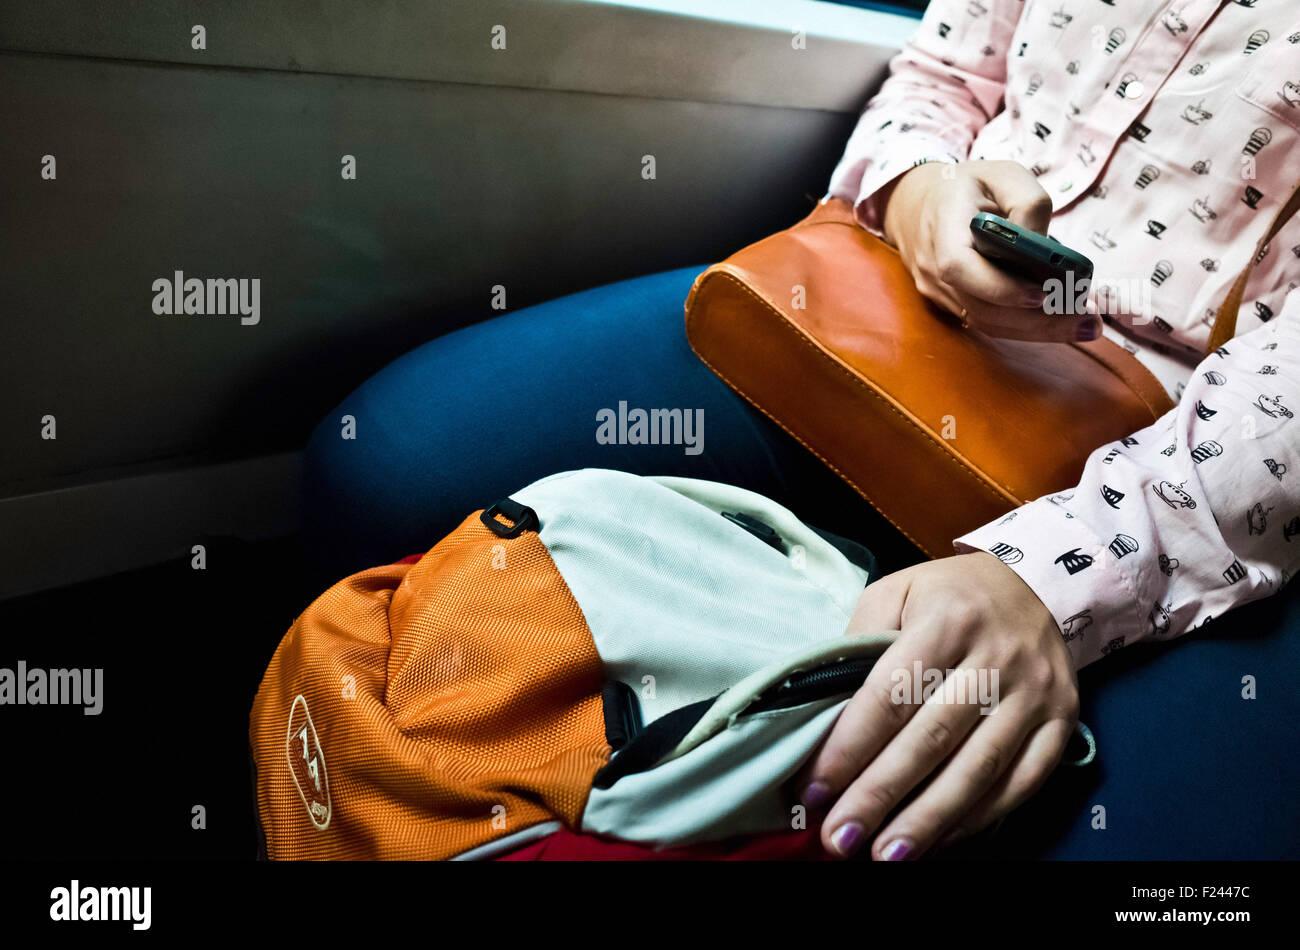 Cerca de una mujer en el autobús navegar por Internet desde su smartphone Imagen De Stock